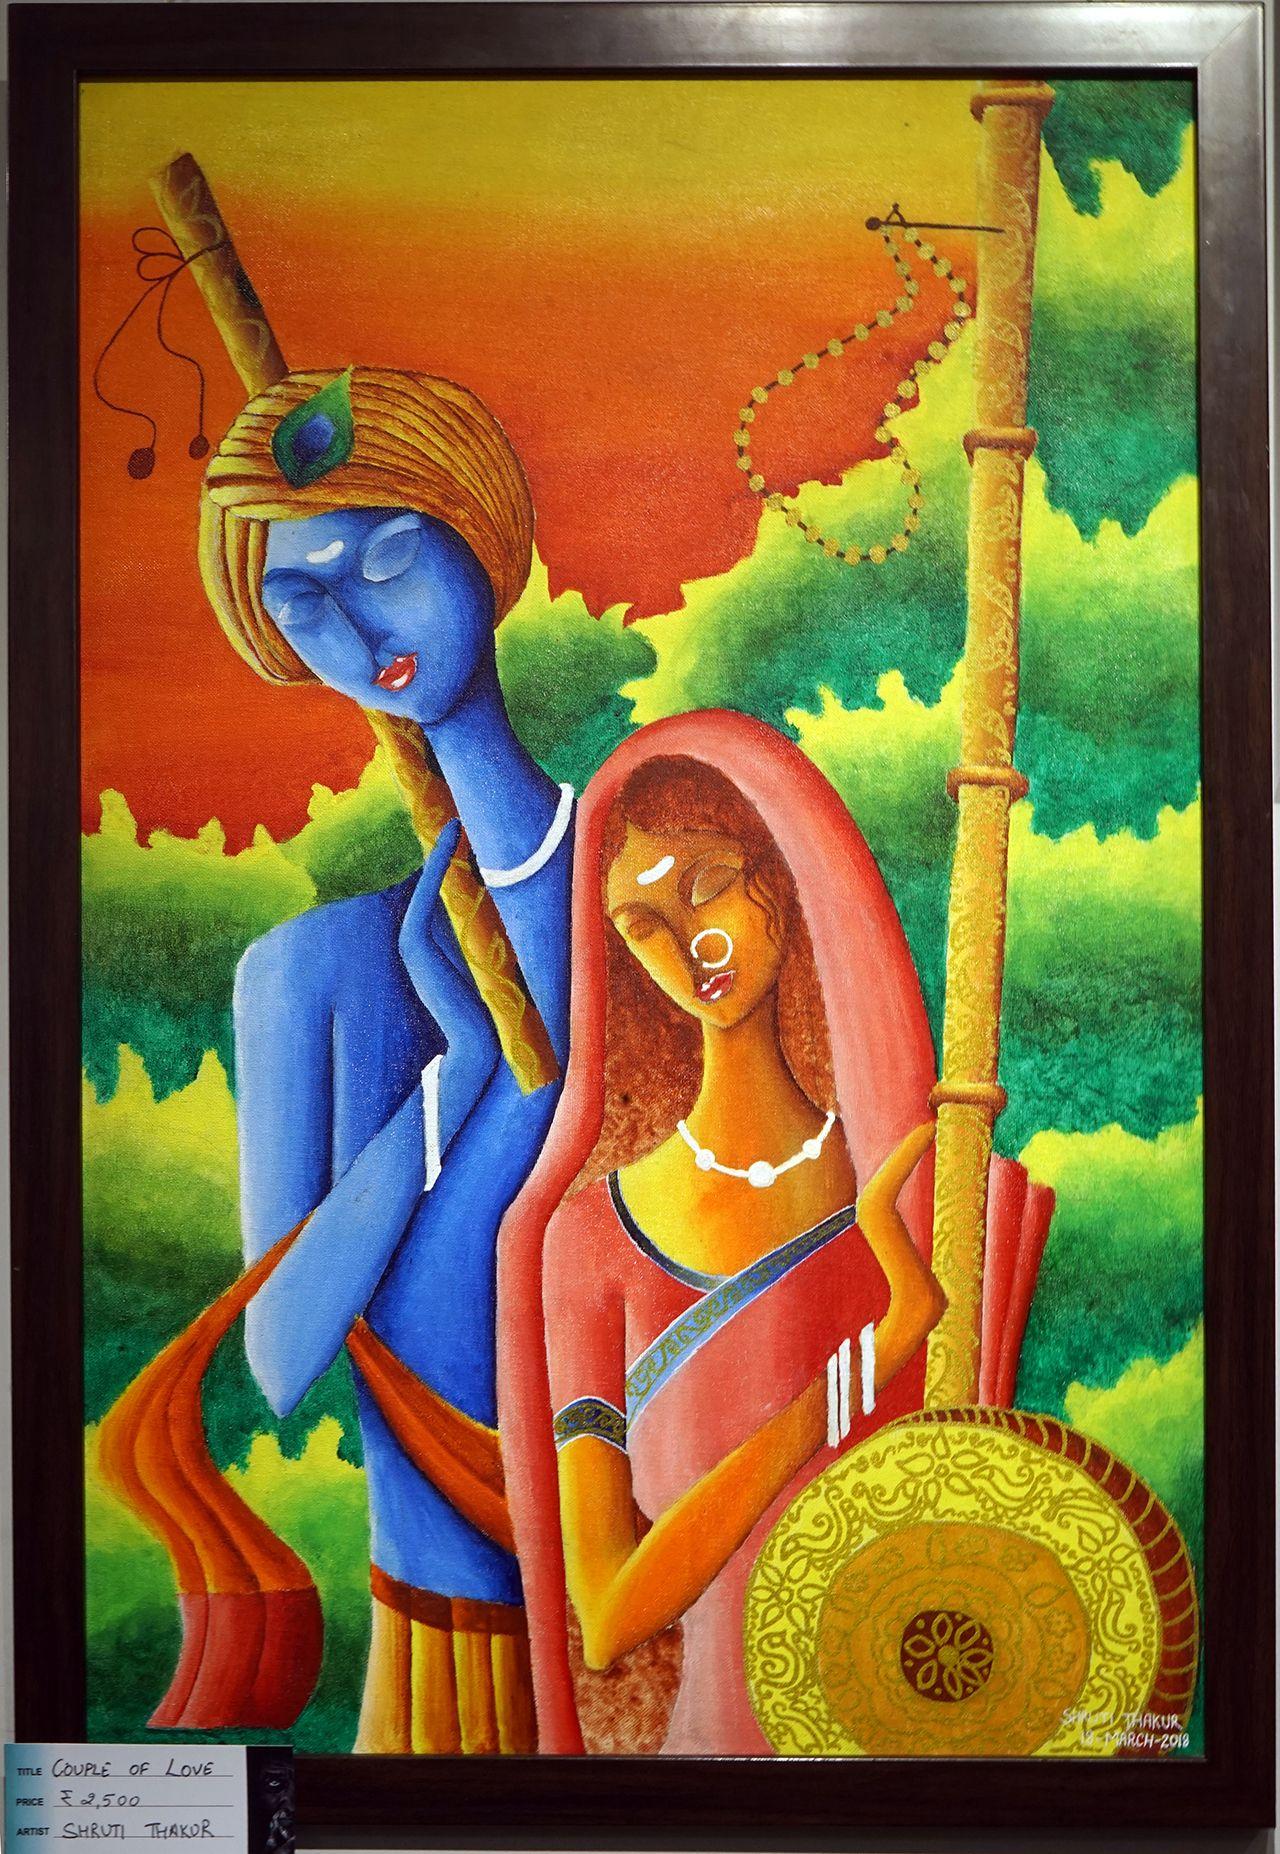 Shruti Thakur